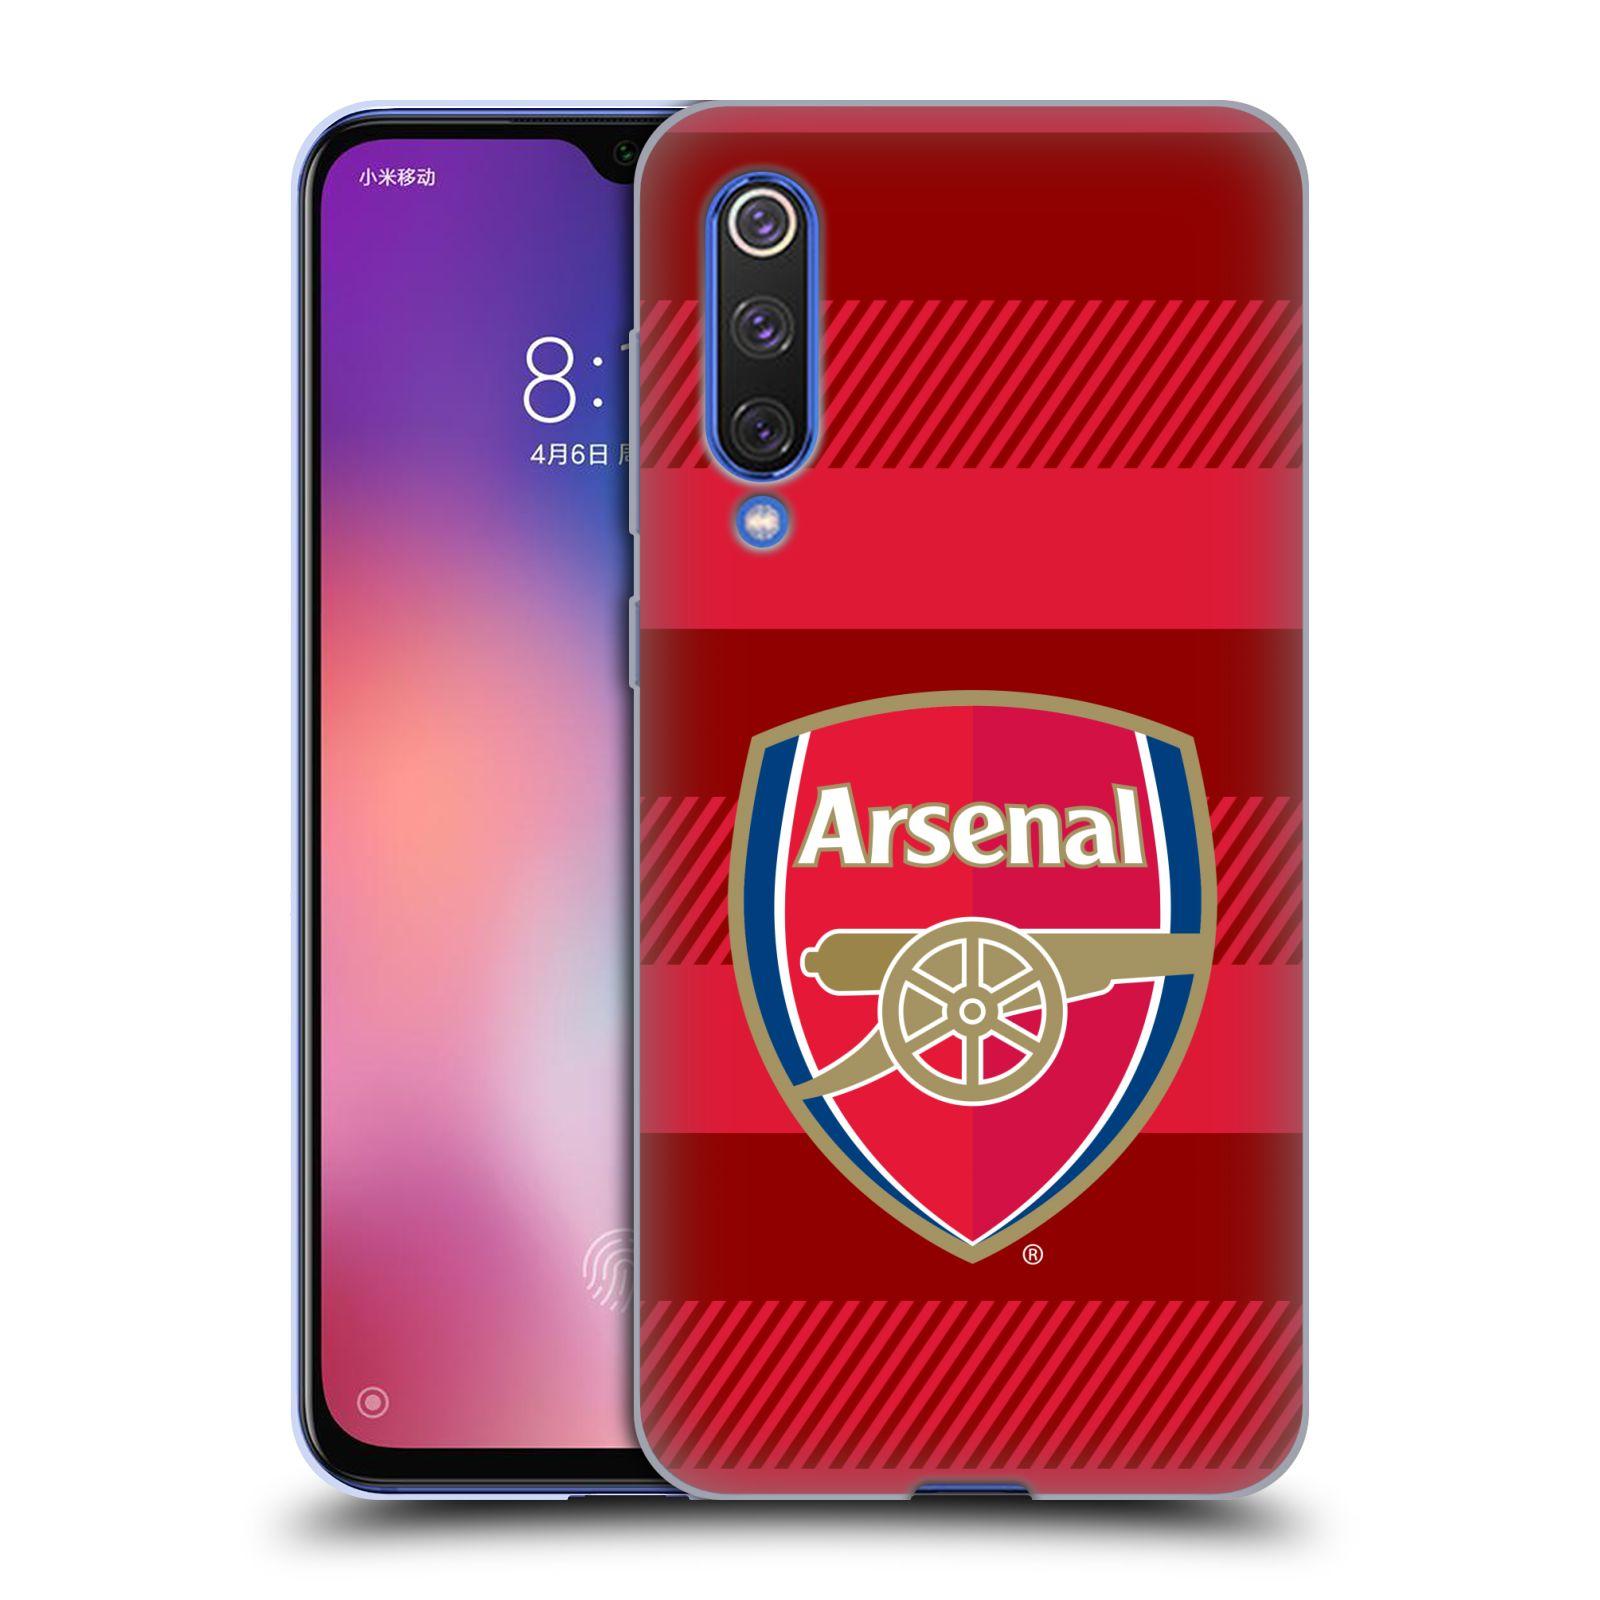 Silikonové pouzdro na mobil Xiaomi Mi 9 SE - Head Case - Arsenal FC - Logo s pruhy